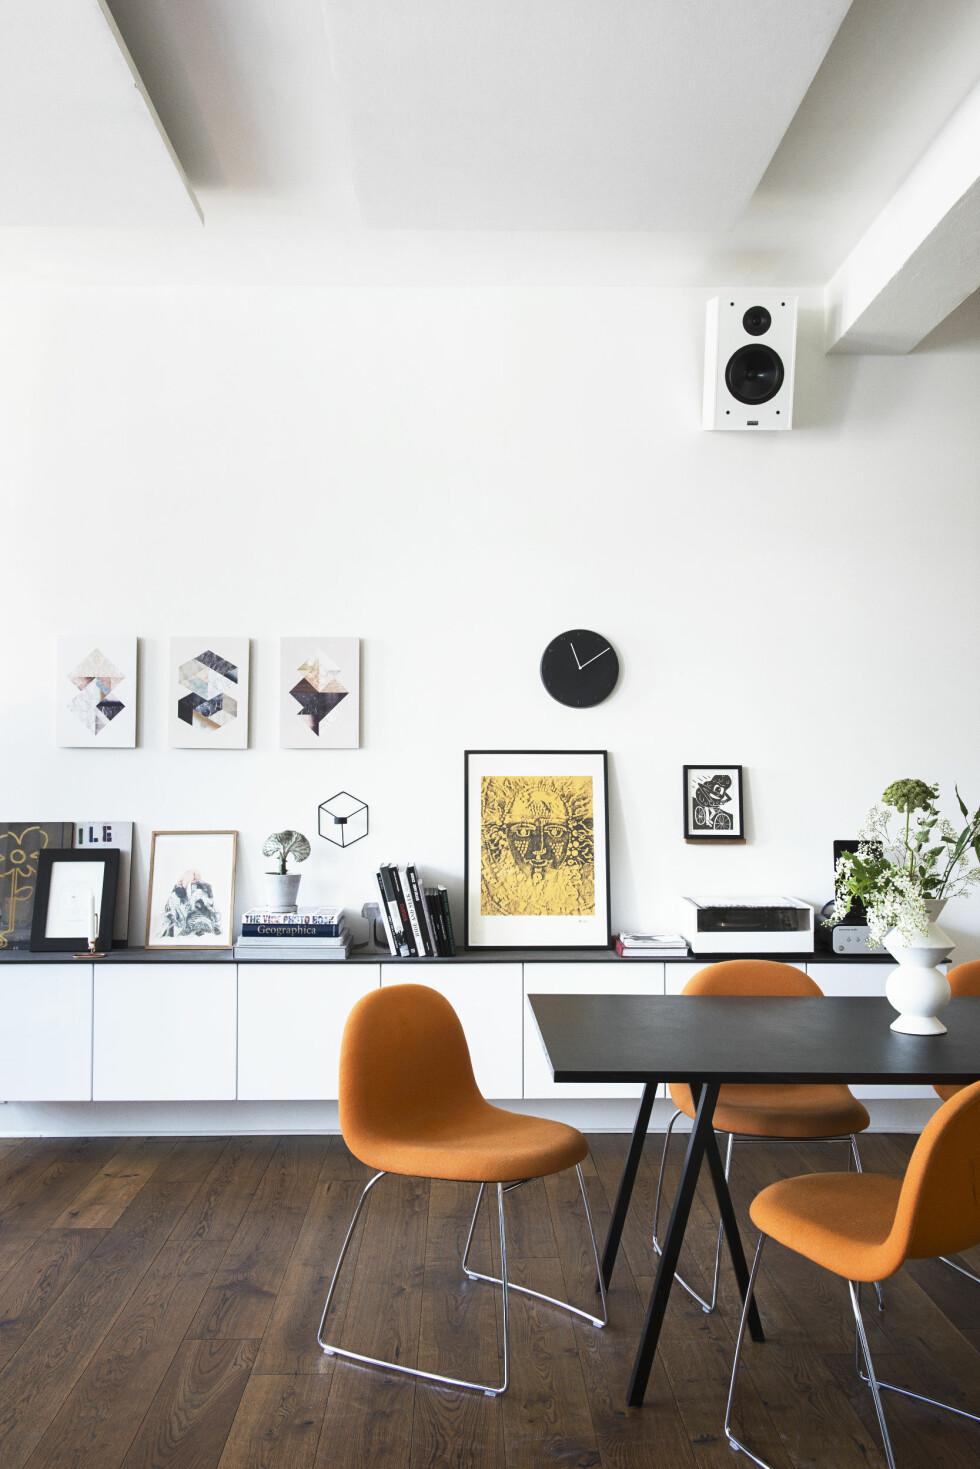 FARGEKLATTER: Gubistolene blir sammen med grønne planter som energiske fargeklatter i det moderne, nøytrale interiøret. Foto: Gyrithe Lemche